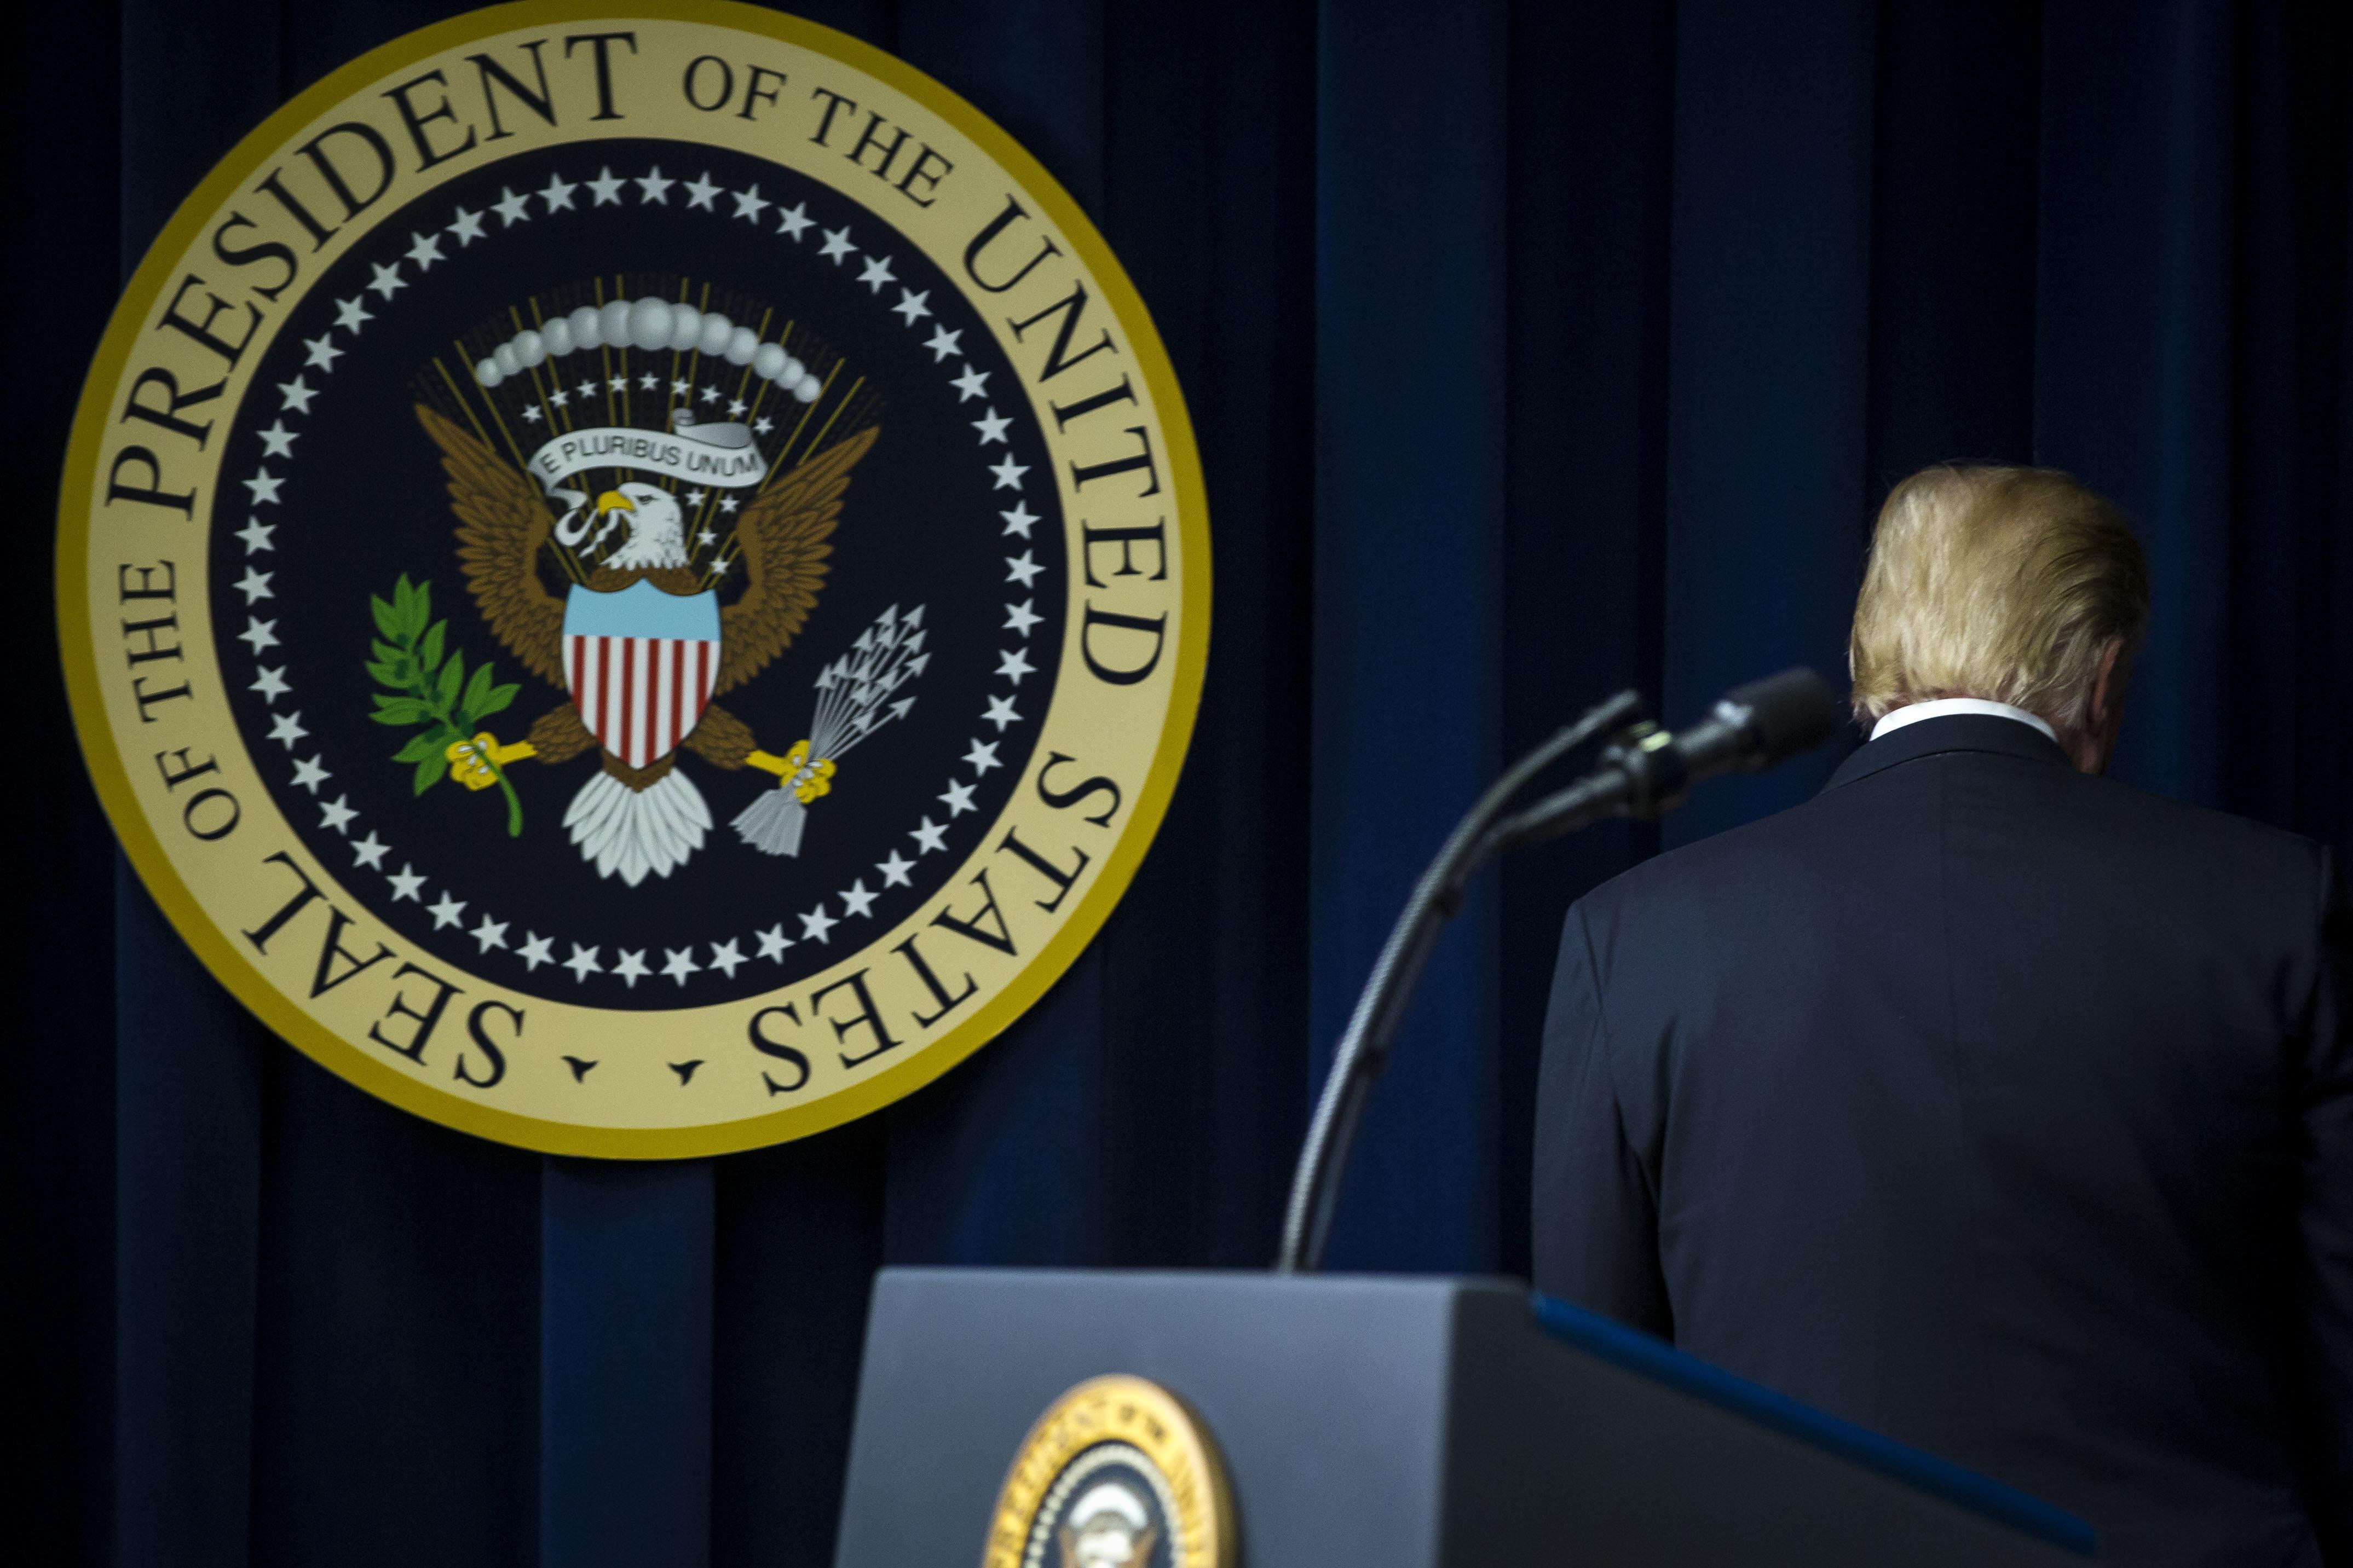 미국 수정헌법 25조에 따른 '대통령직 박탈'은 이렇게 진행된다